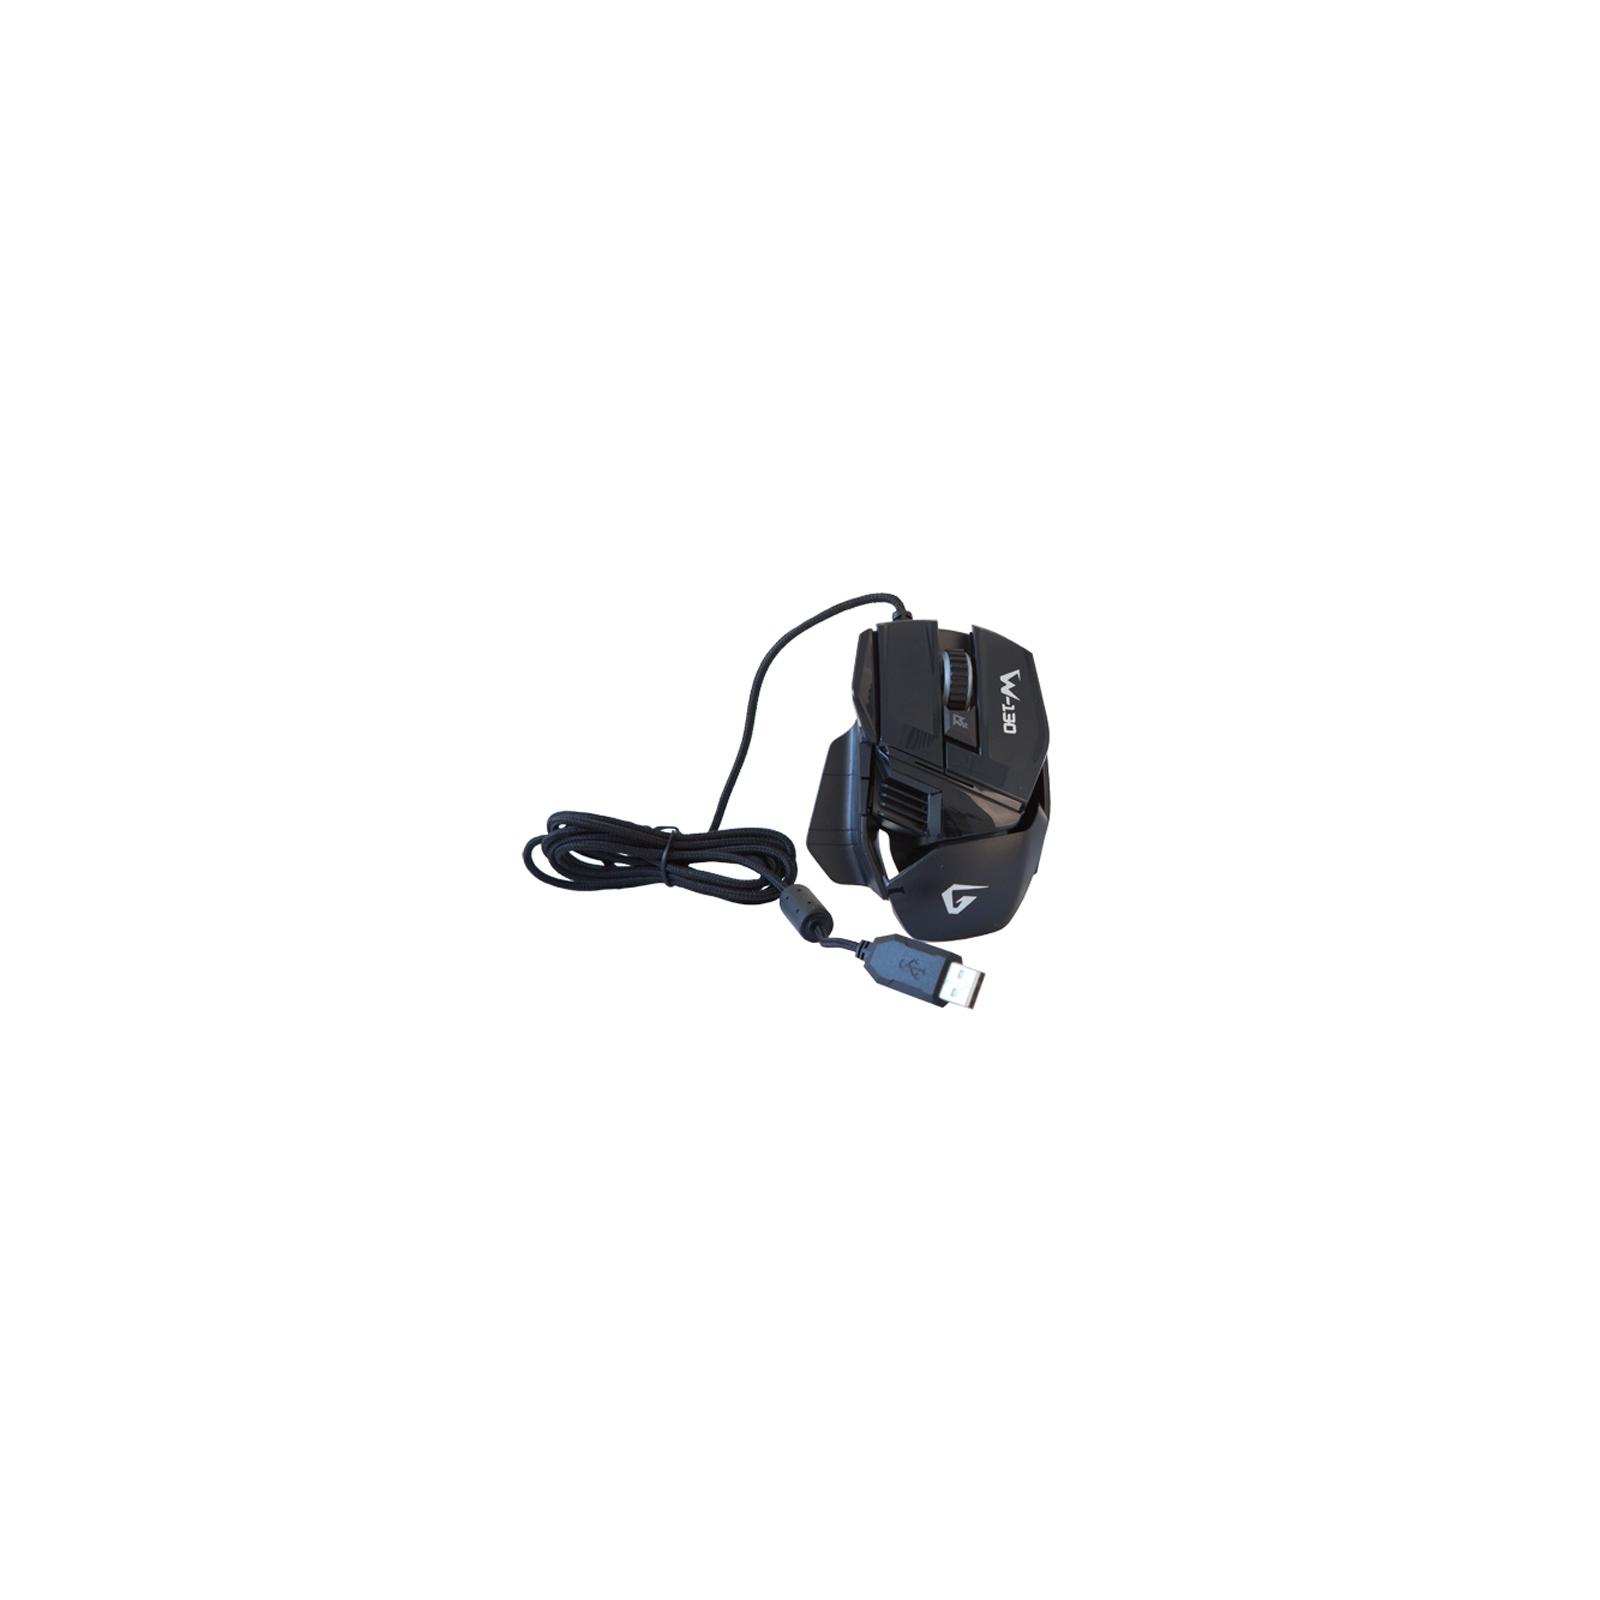 Мышка GEMIX W130 изображение 3